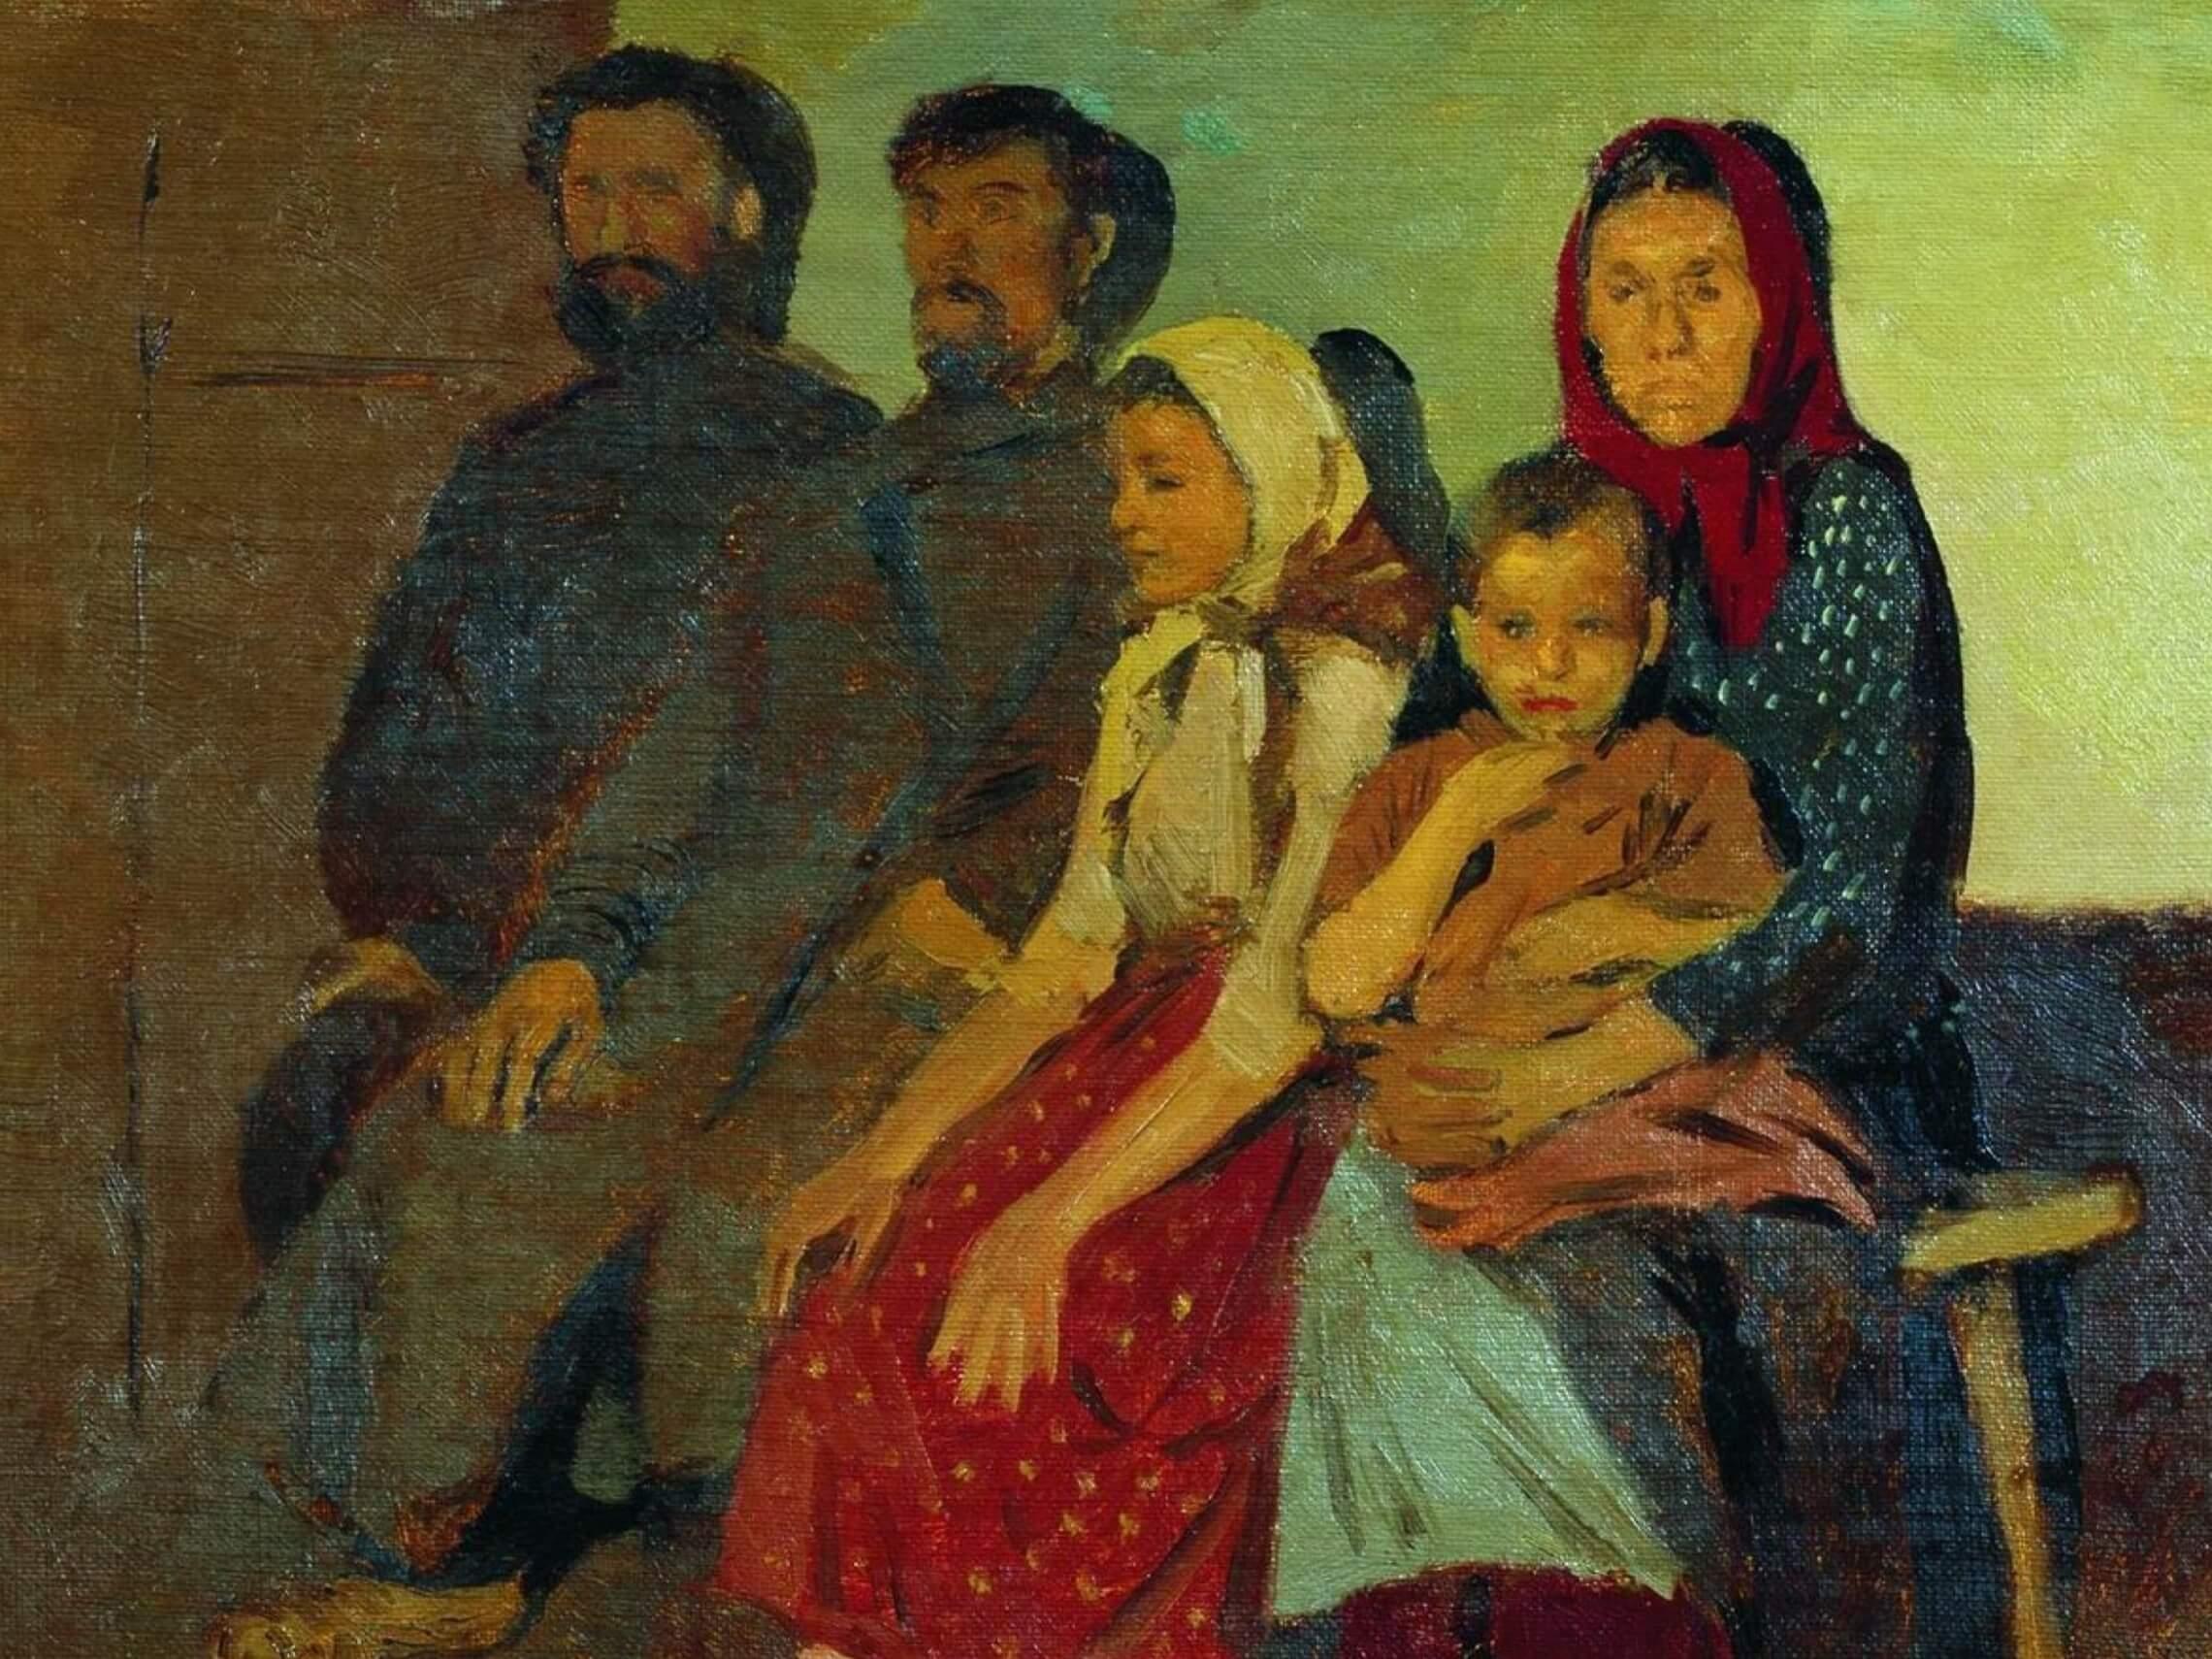 Домострой, Семья, Жена, Дети 4